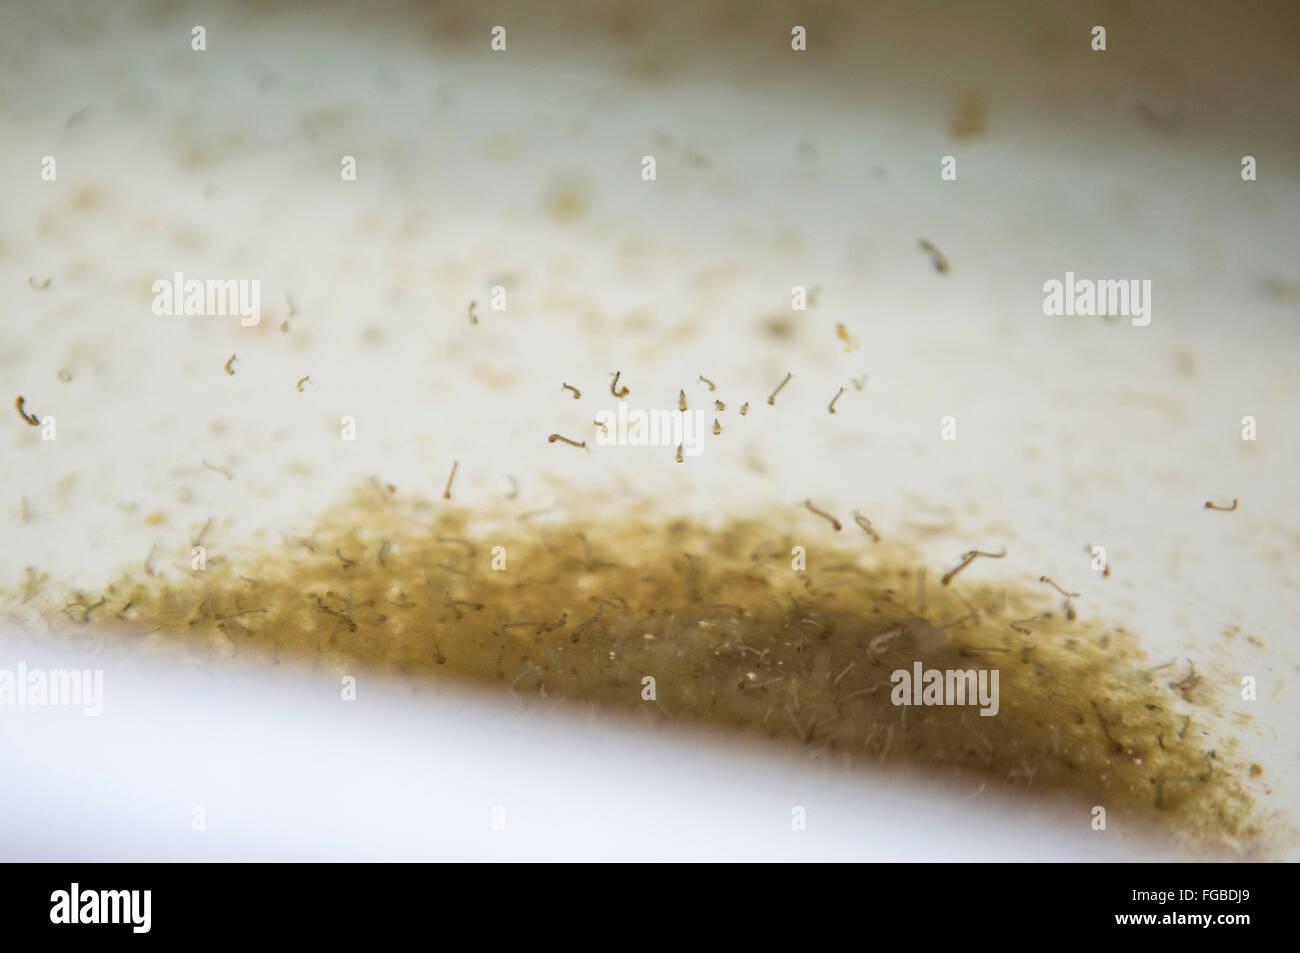 La Plata. 17 Feb, 2016. Imagen tomada el 17 de febrero de 2016 muestra las larvas del mosquito Aedes aegypti siendo Imagen De Stock